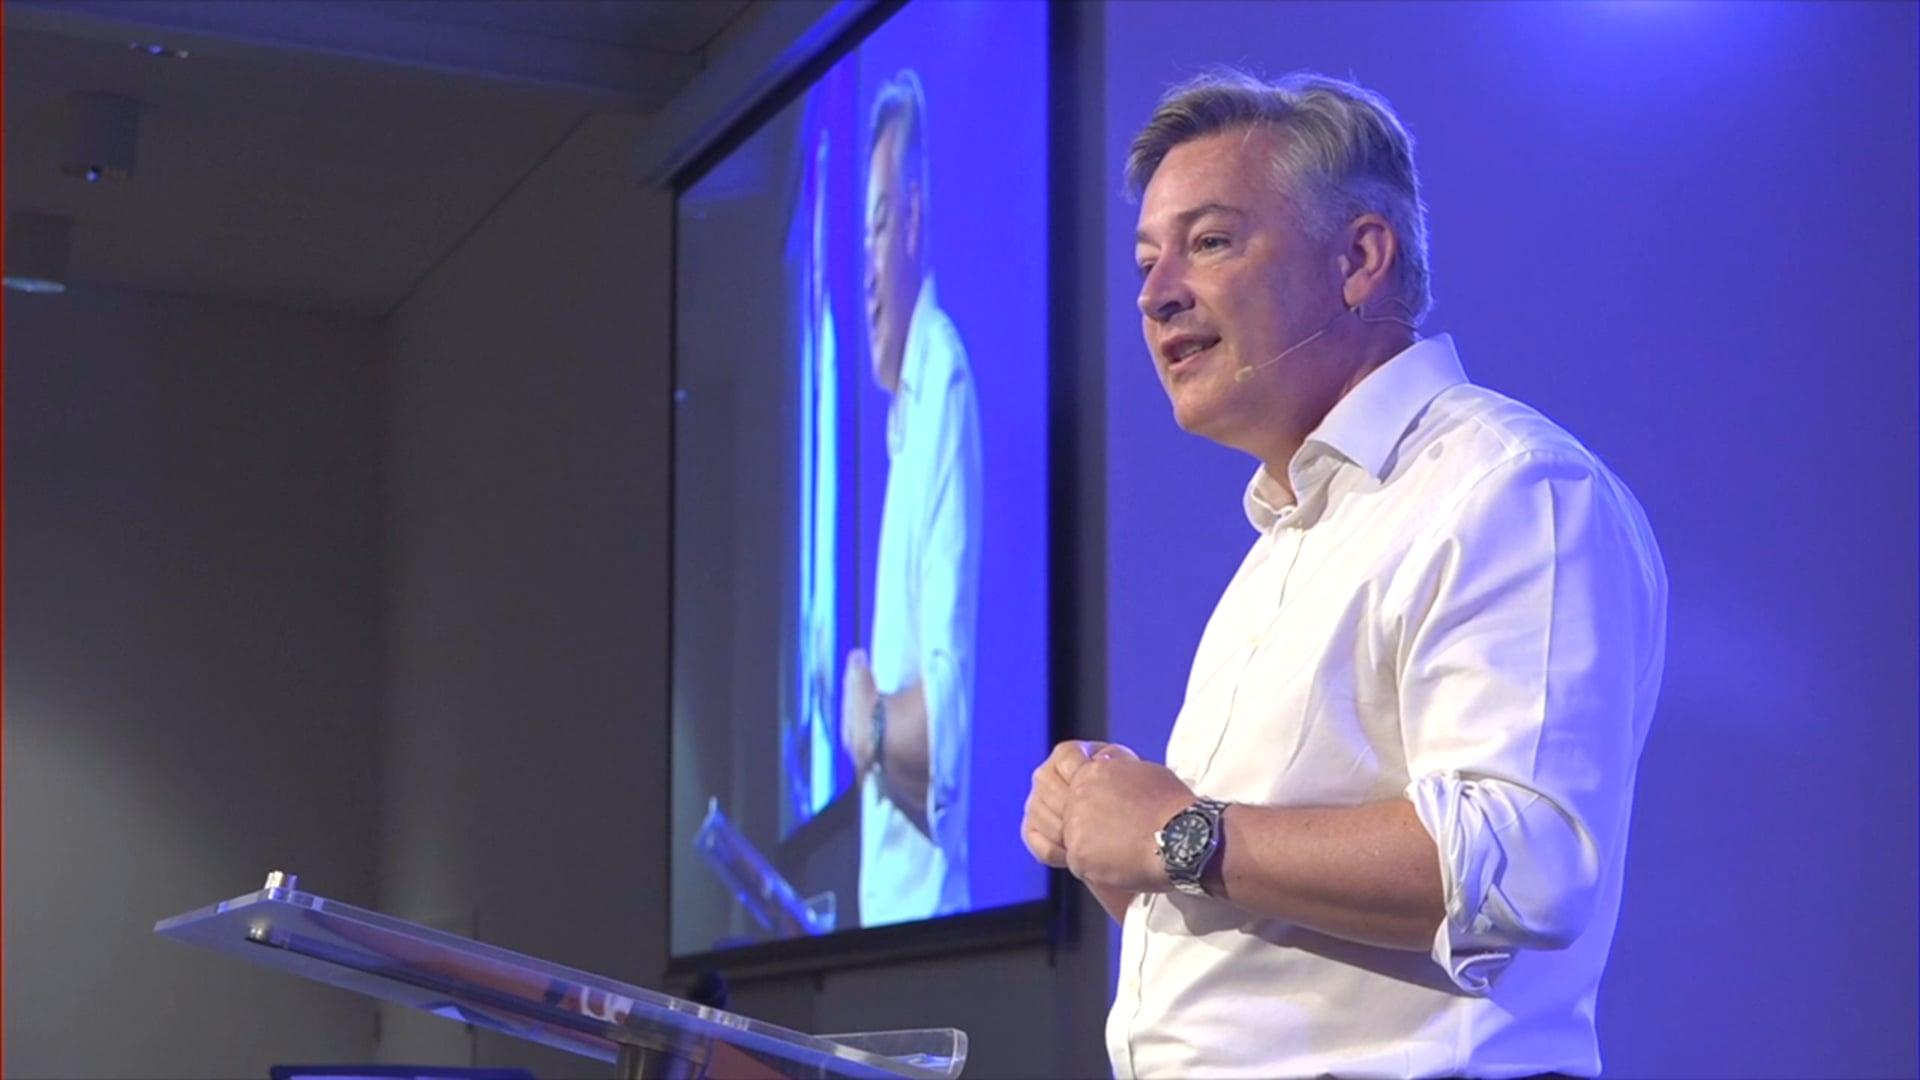 Doing the work of an evangelist | Craig Schafer